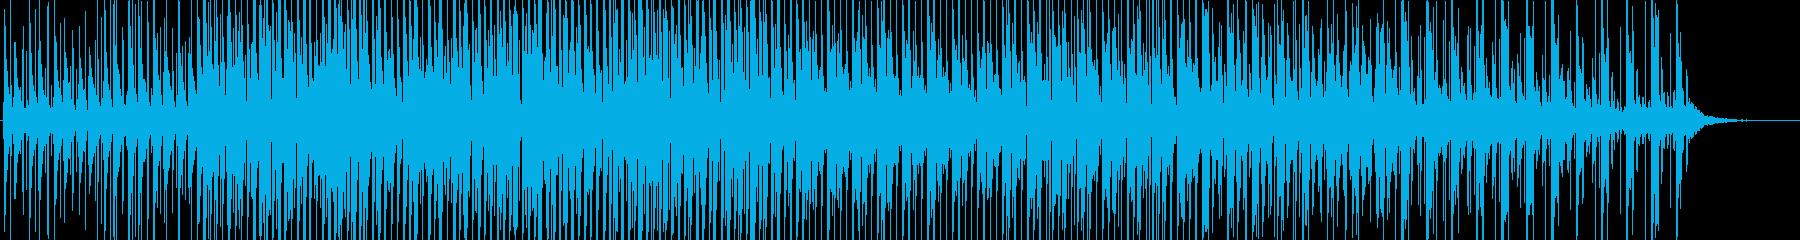 チル-リラックス♪アコースティックBGMの再生済みの波形